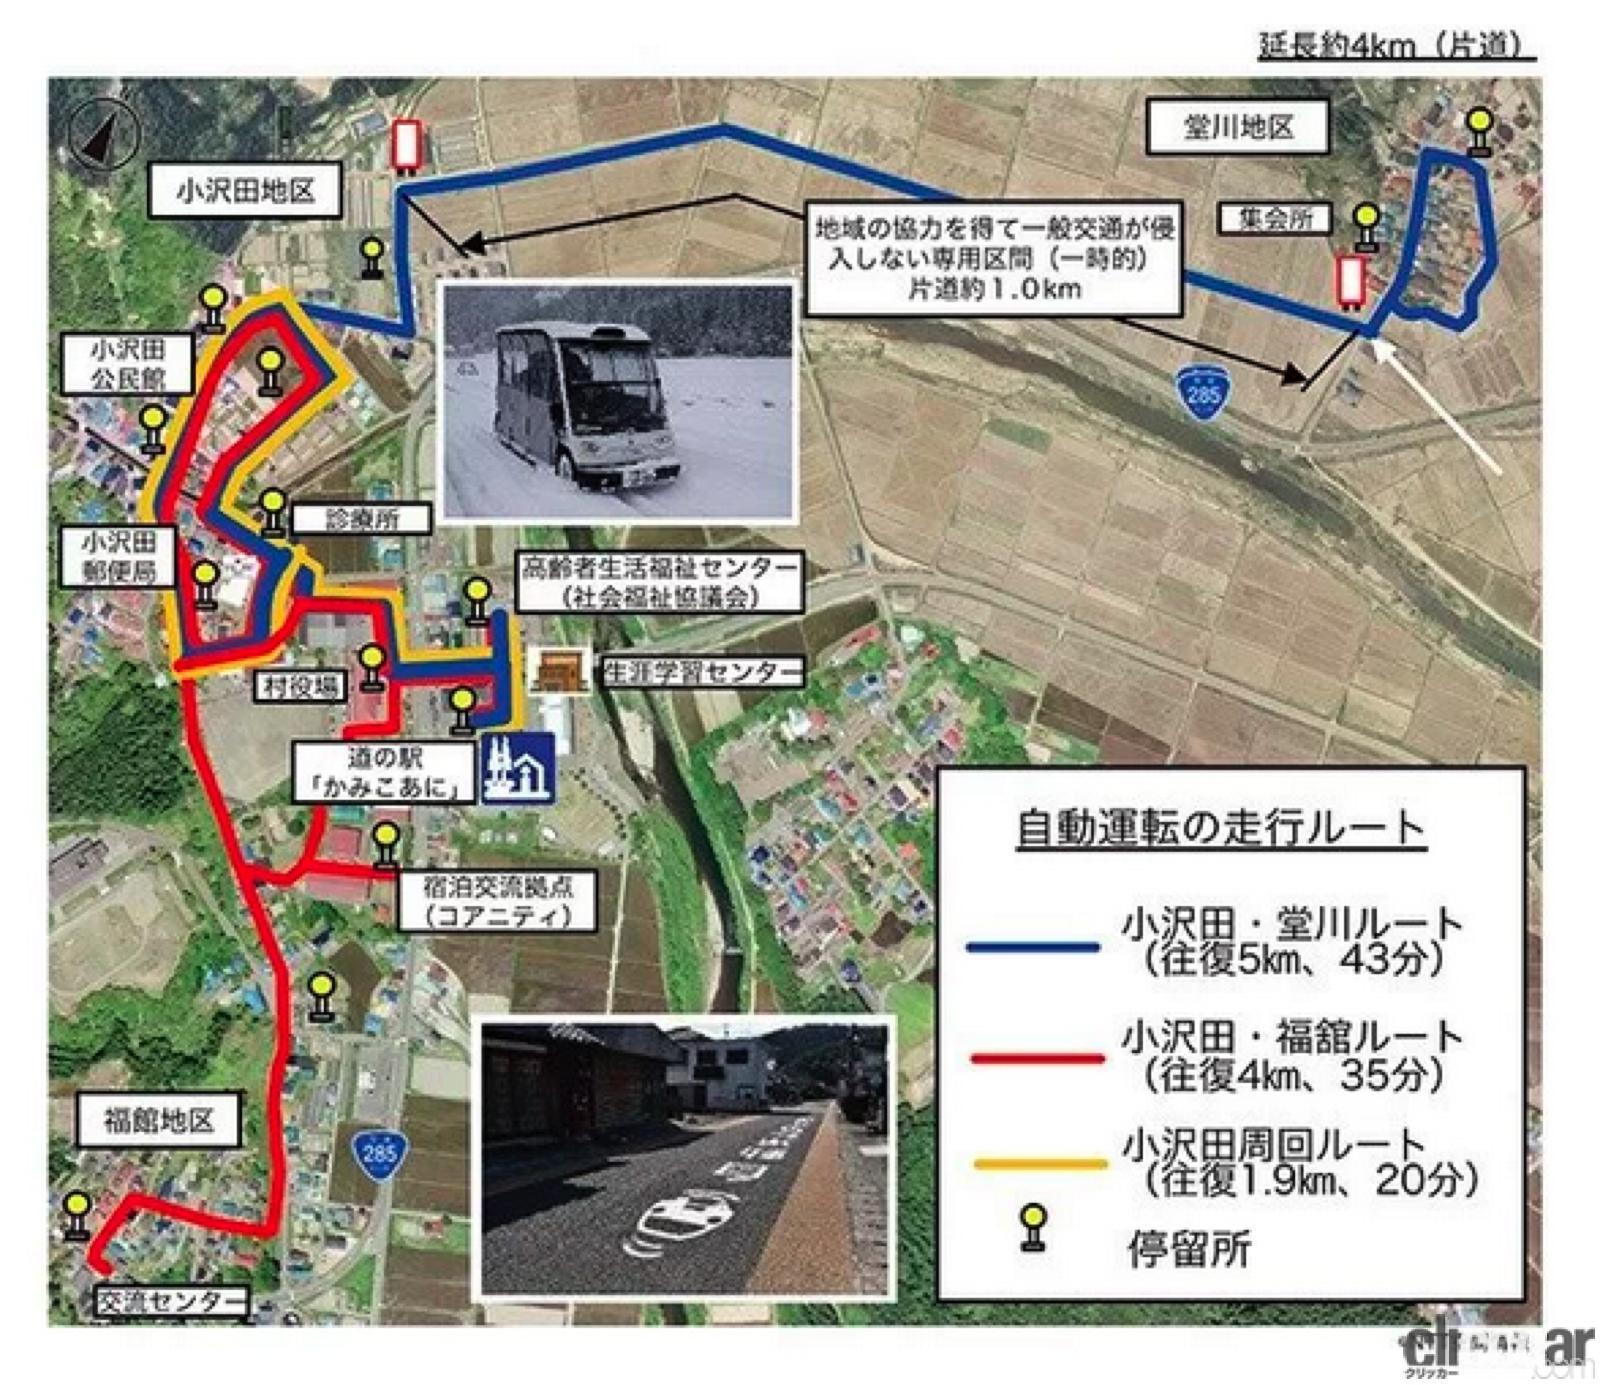 「清水和夫が解説!日本が進める「自動運転の今」はどんな技術で、どう使うのか?【SIP第2期 自動運転 中間成果発表会】」の21枚目の画像